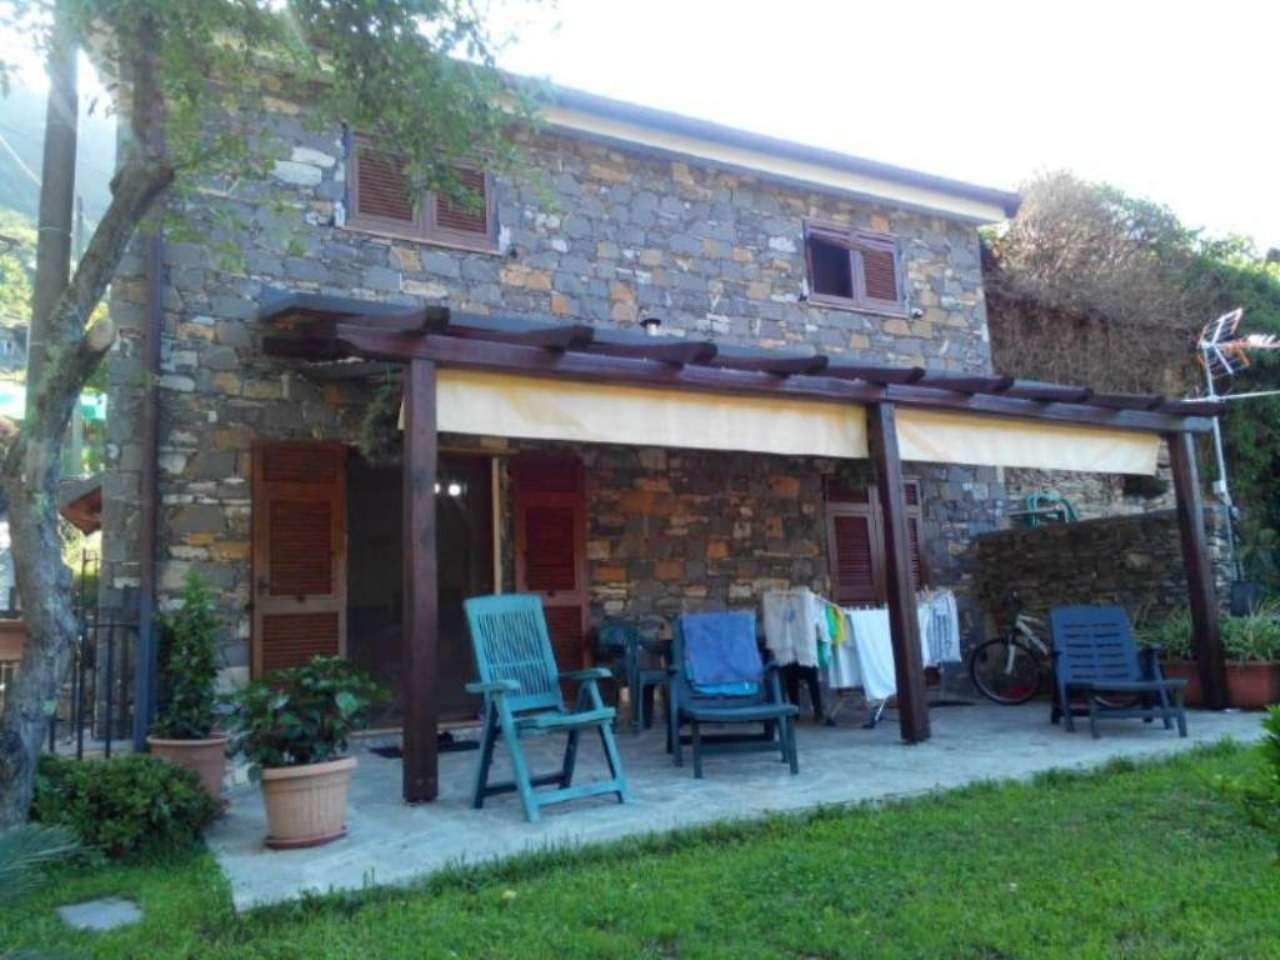 Soluzione Indipendente in vendita a Rapallo, 4 locali, prezzo € 310.000 | CambioCasa.it